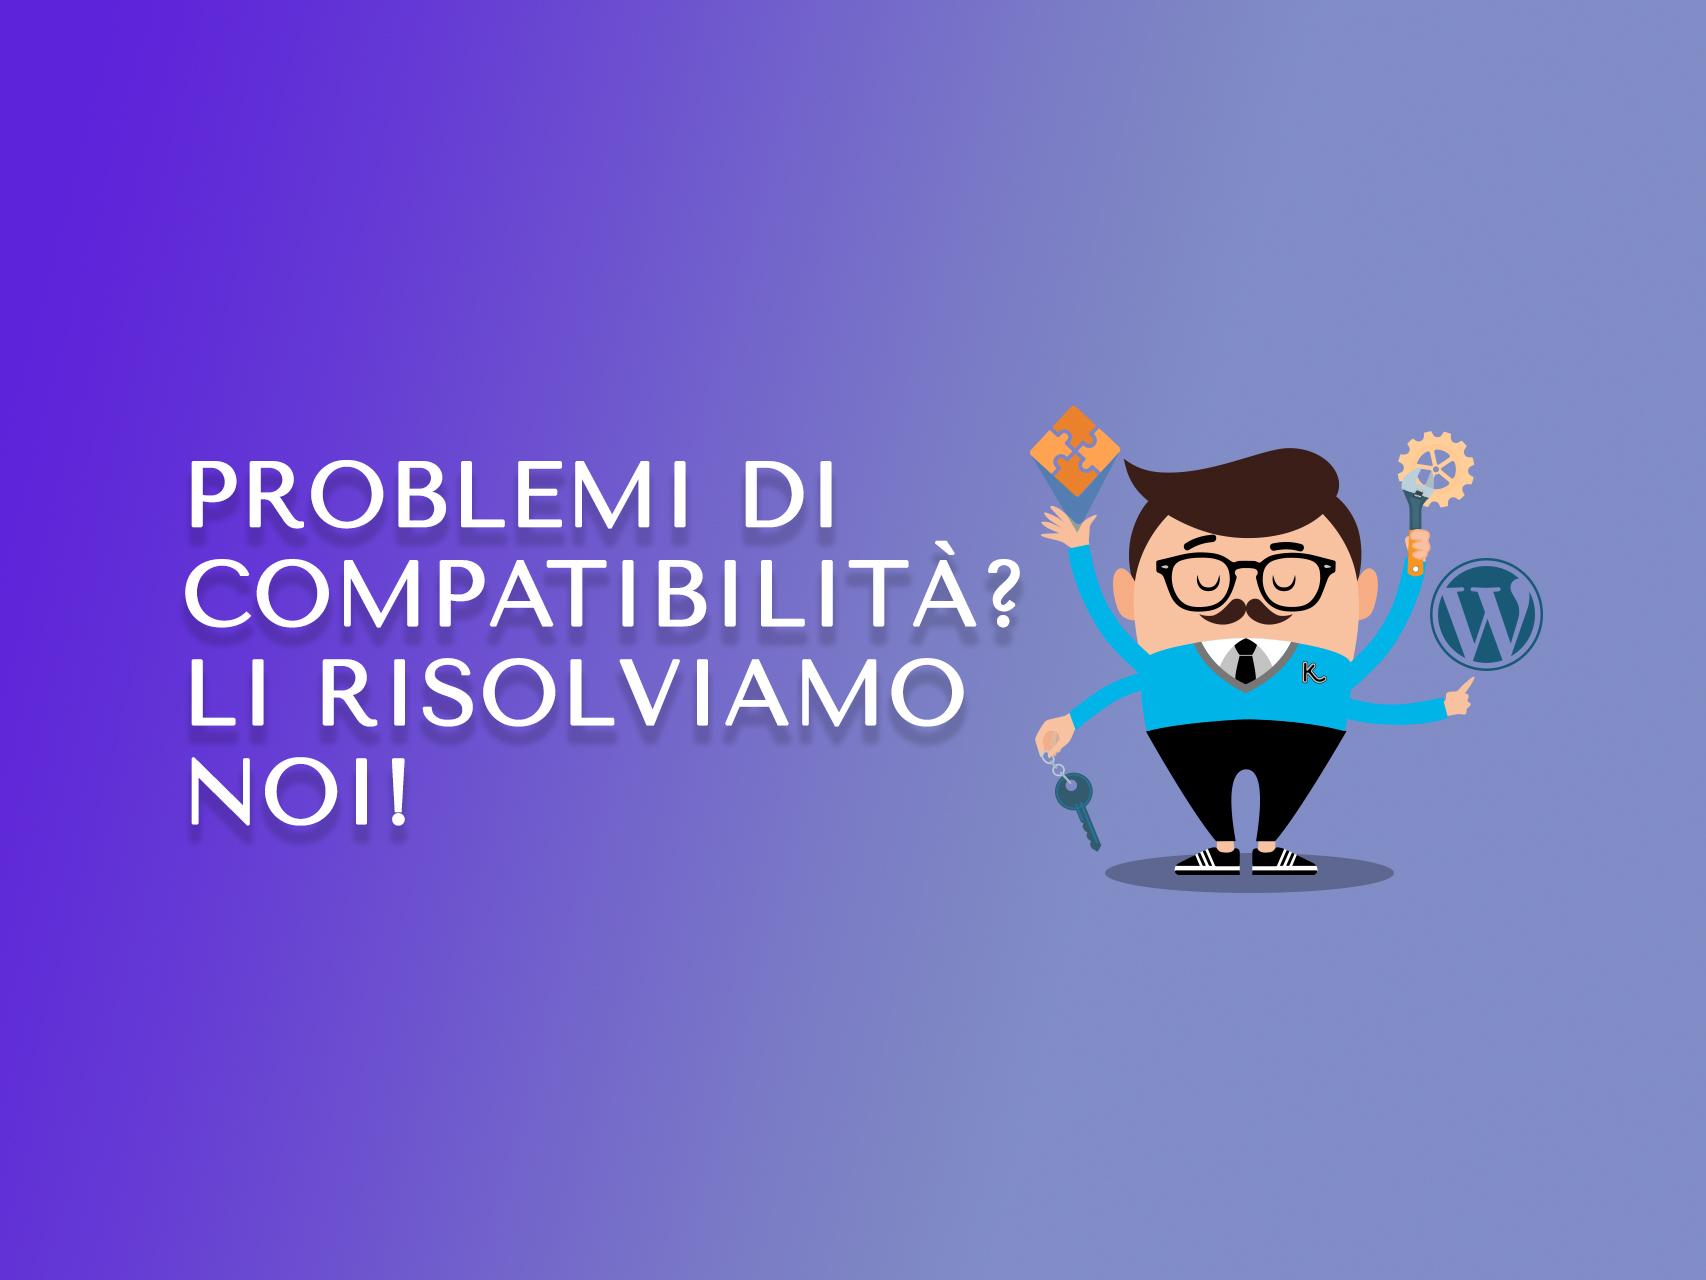 Problemi di compatibilità Li risolviamo noi!